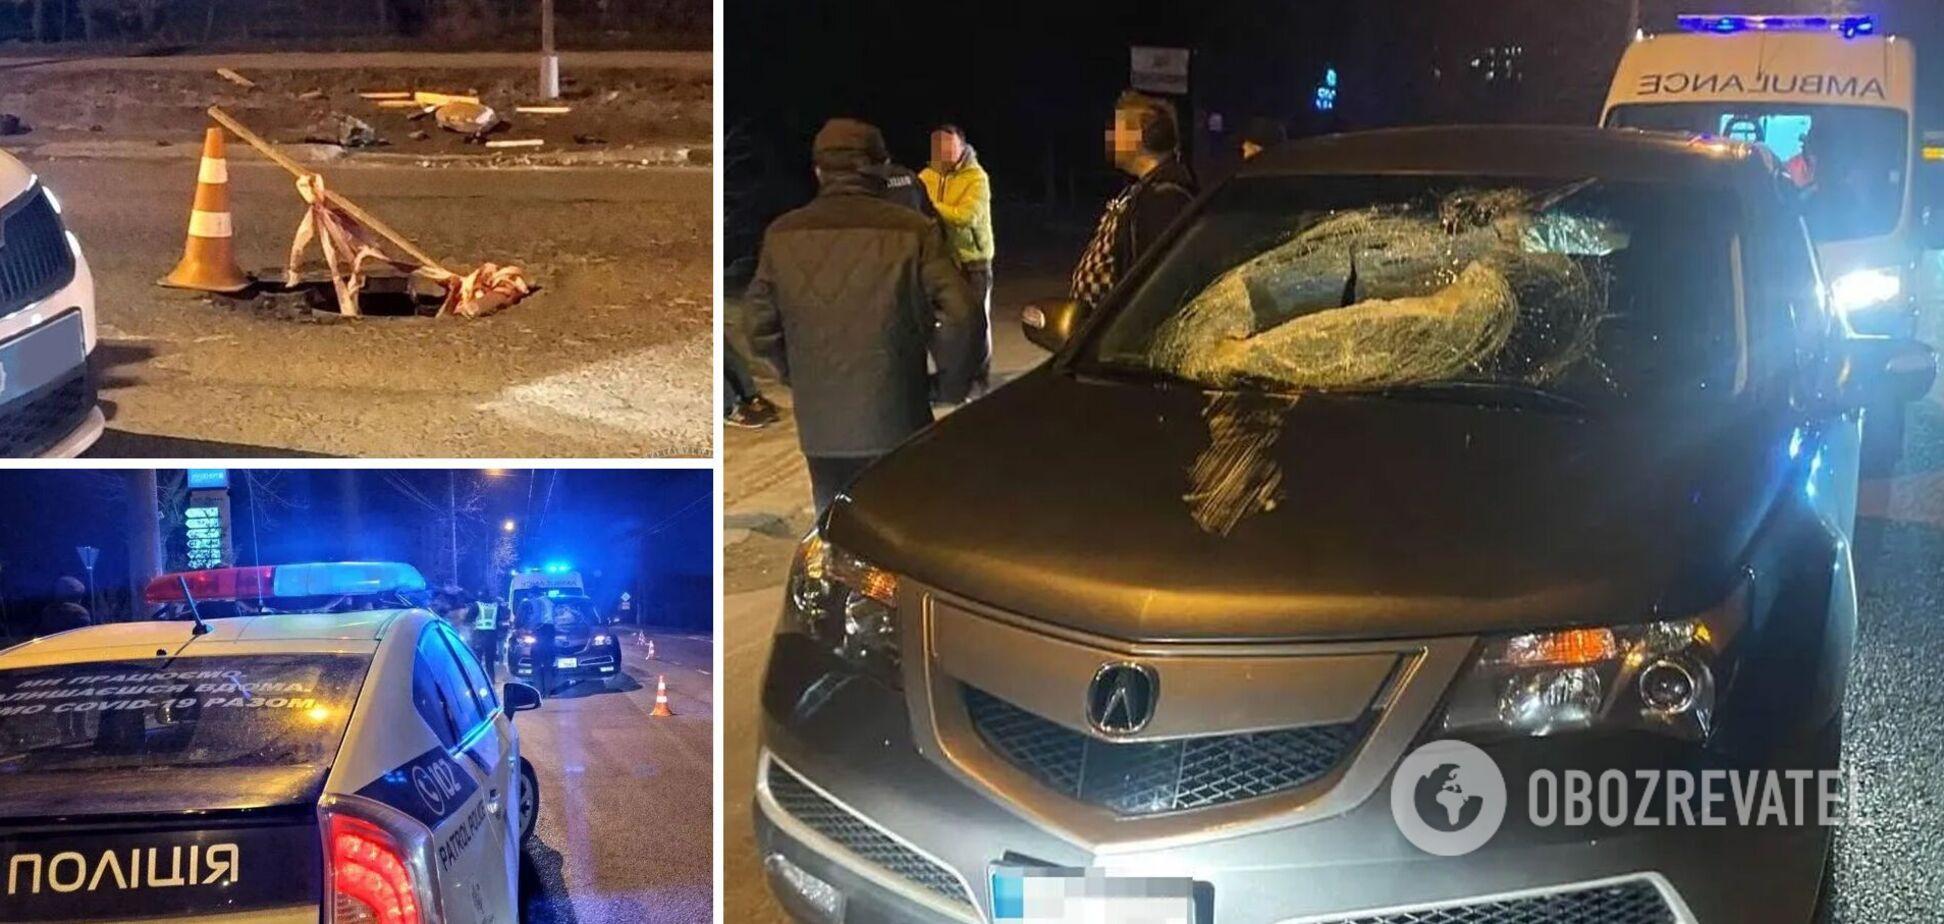 Крышка люка попала в авто и убила 10-летнего ребенка: подробности трагедии во Львове